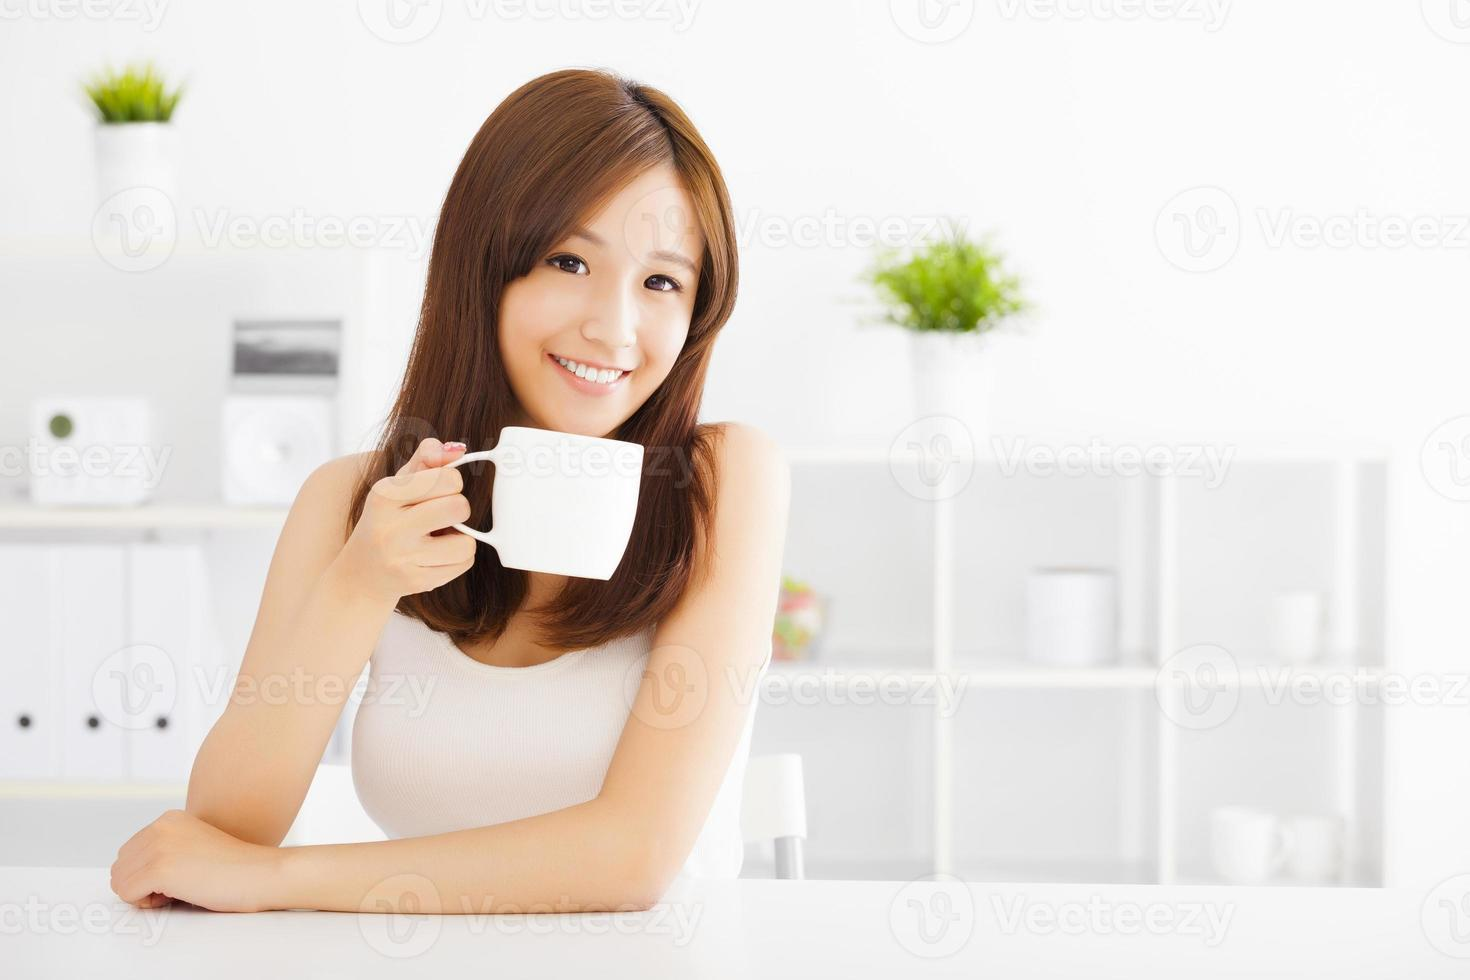 fröhliche asiatische junge Kaffee trinken foto